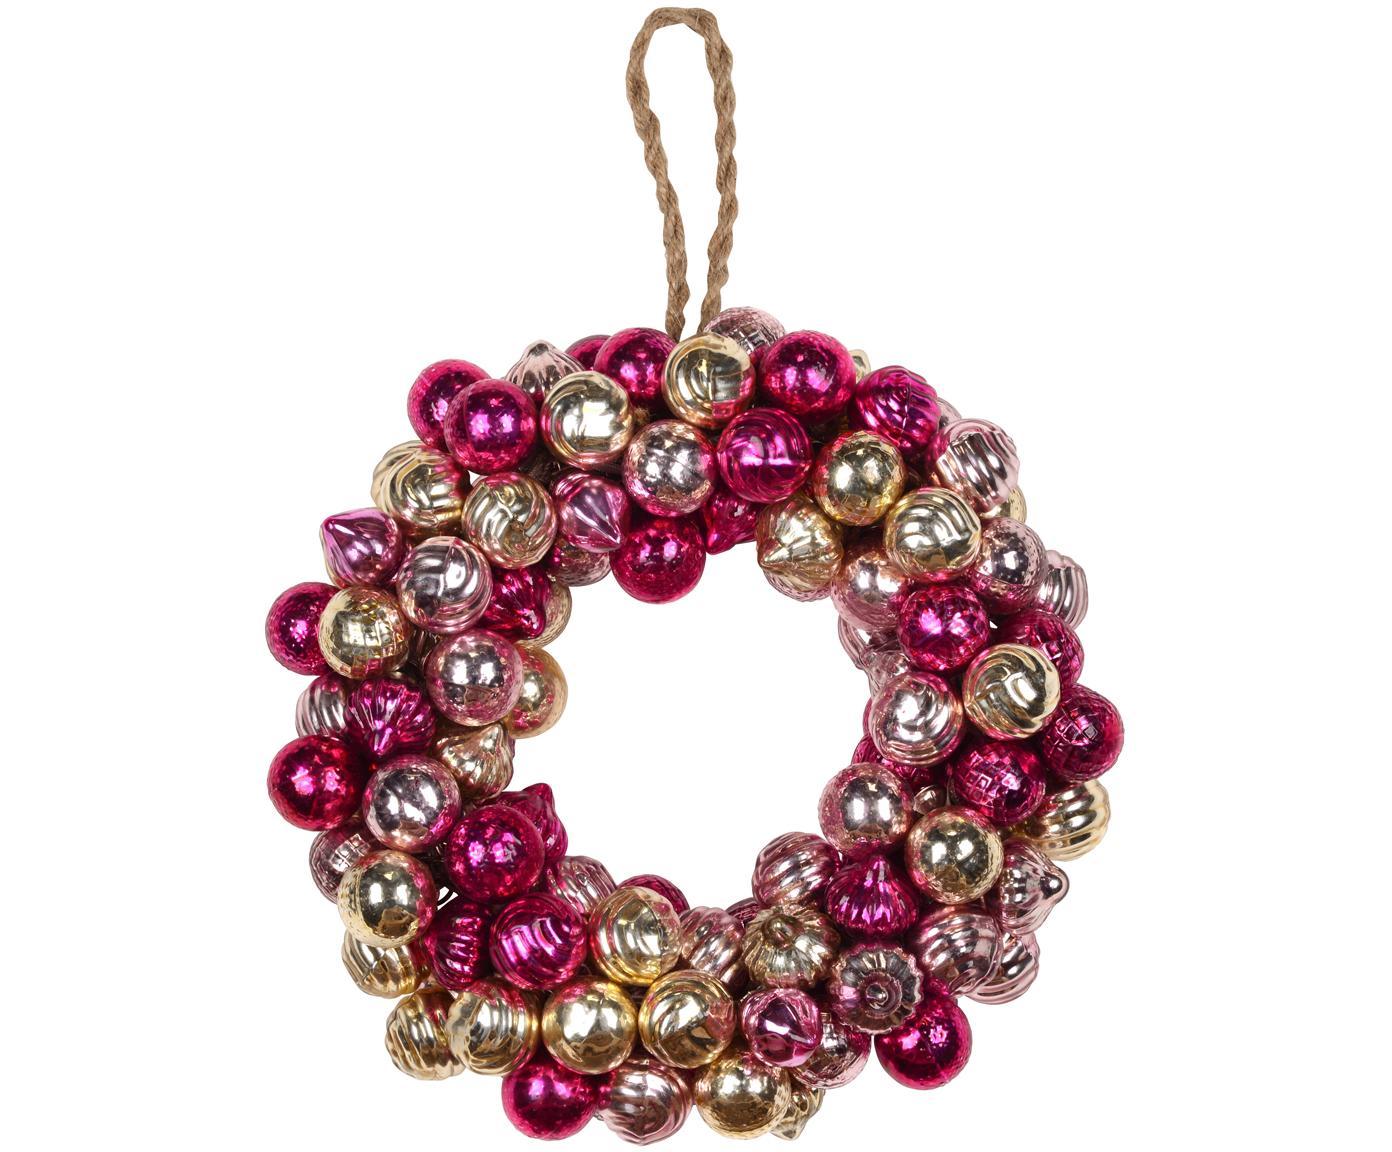 Ciondolo decorativo Kranz, Vetro, Tonalità rosa, tonalità rosse, dorato, Ø 25 cm